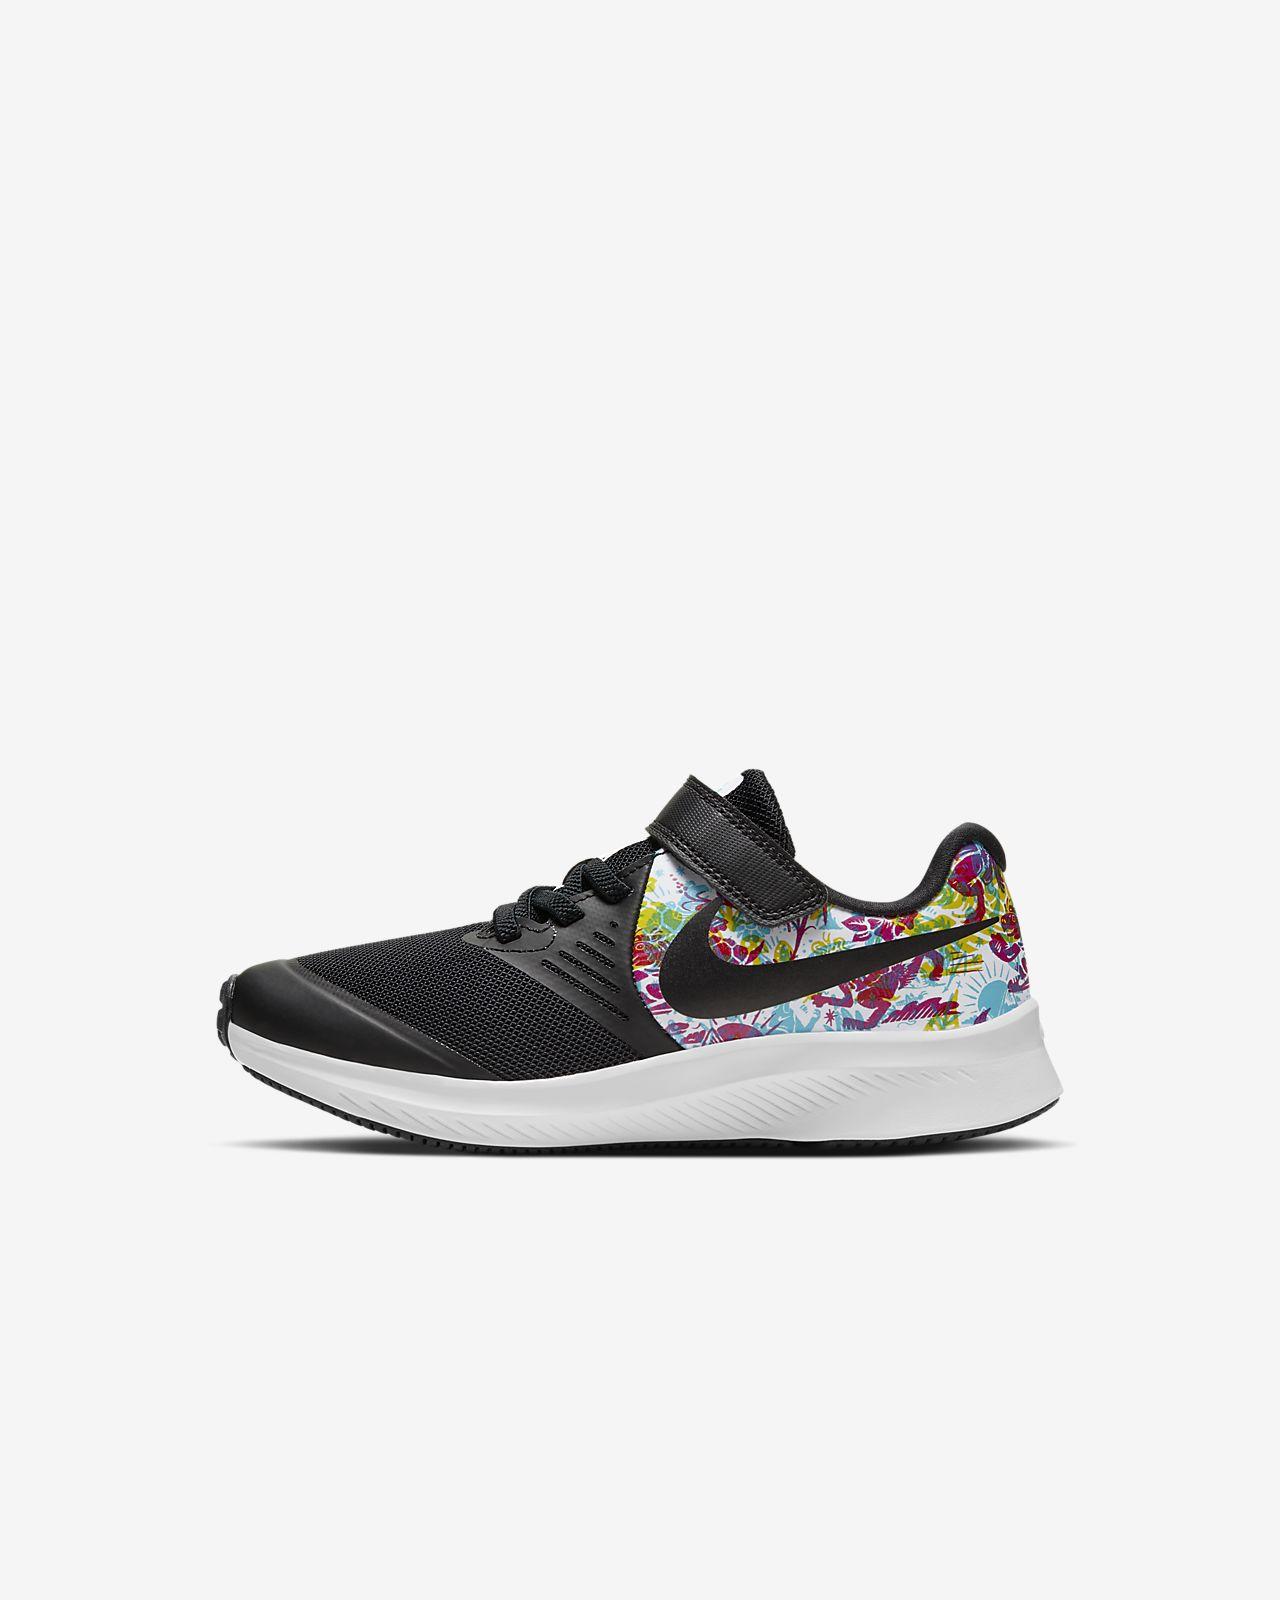 Calzado para niños talla pequeña Nike Star Runner 2 Fable